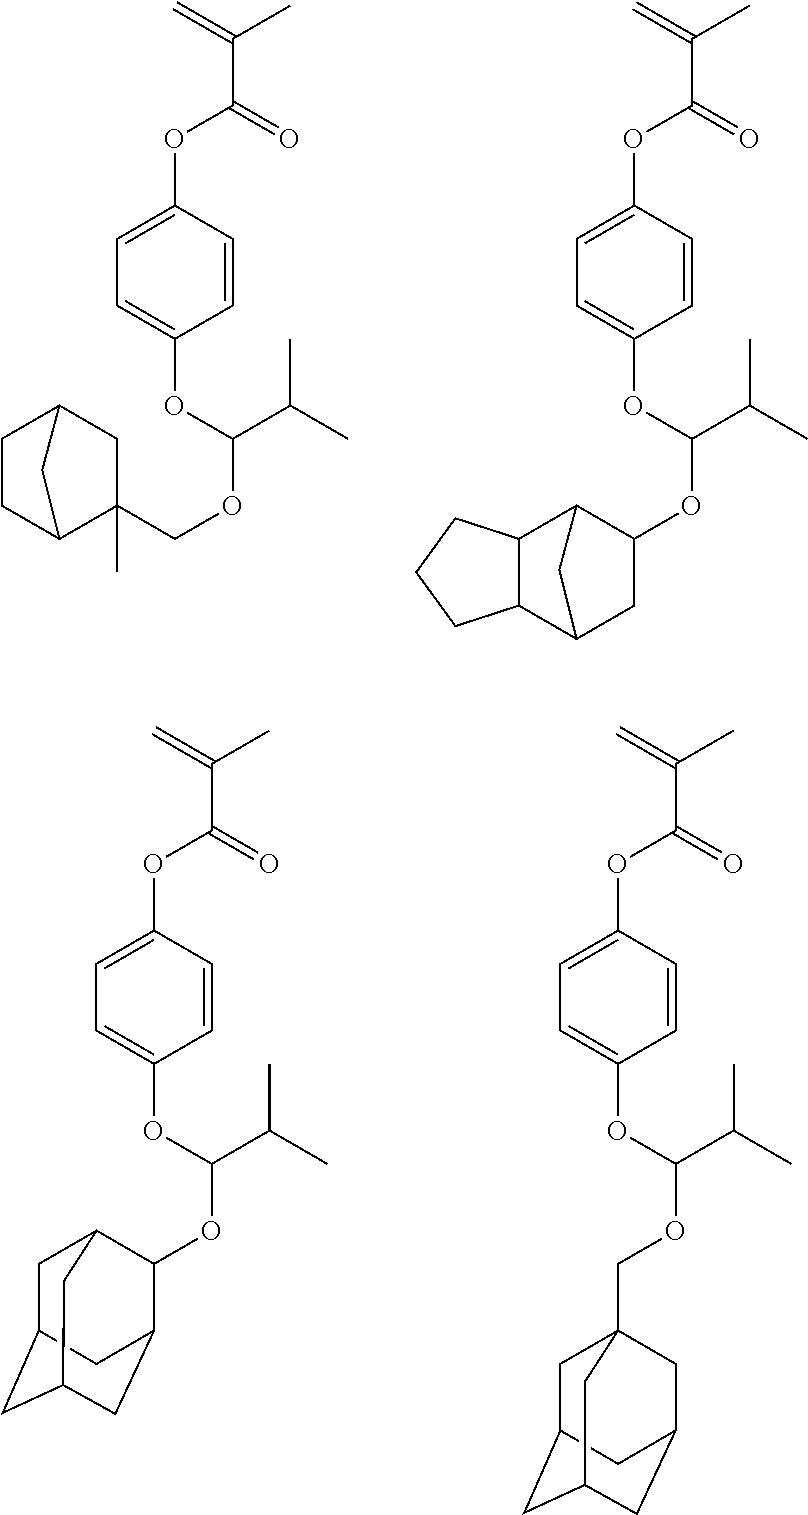 Figure US20110294070A1-20111201-C00013